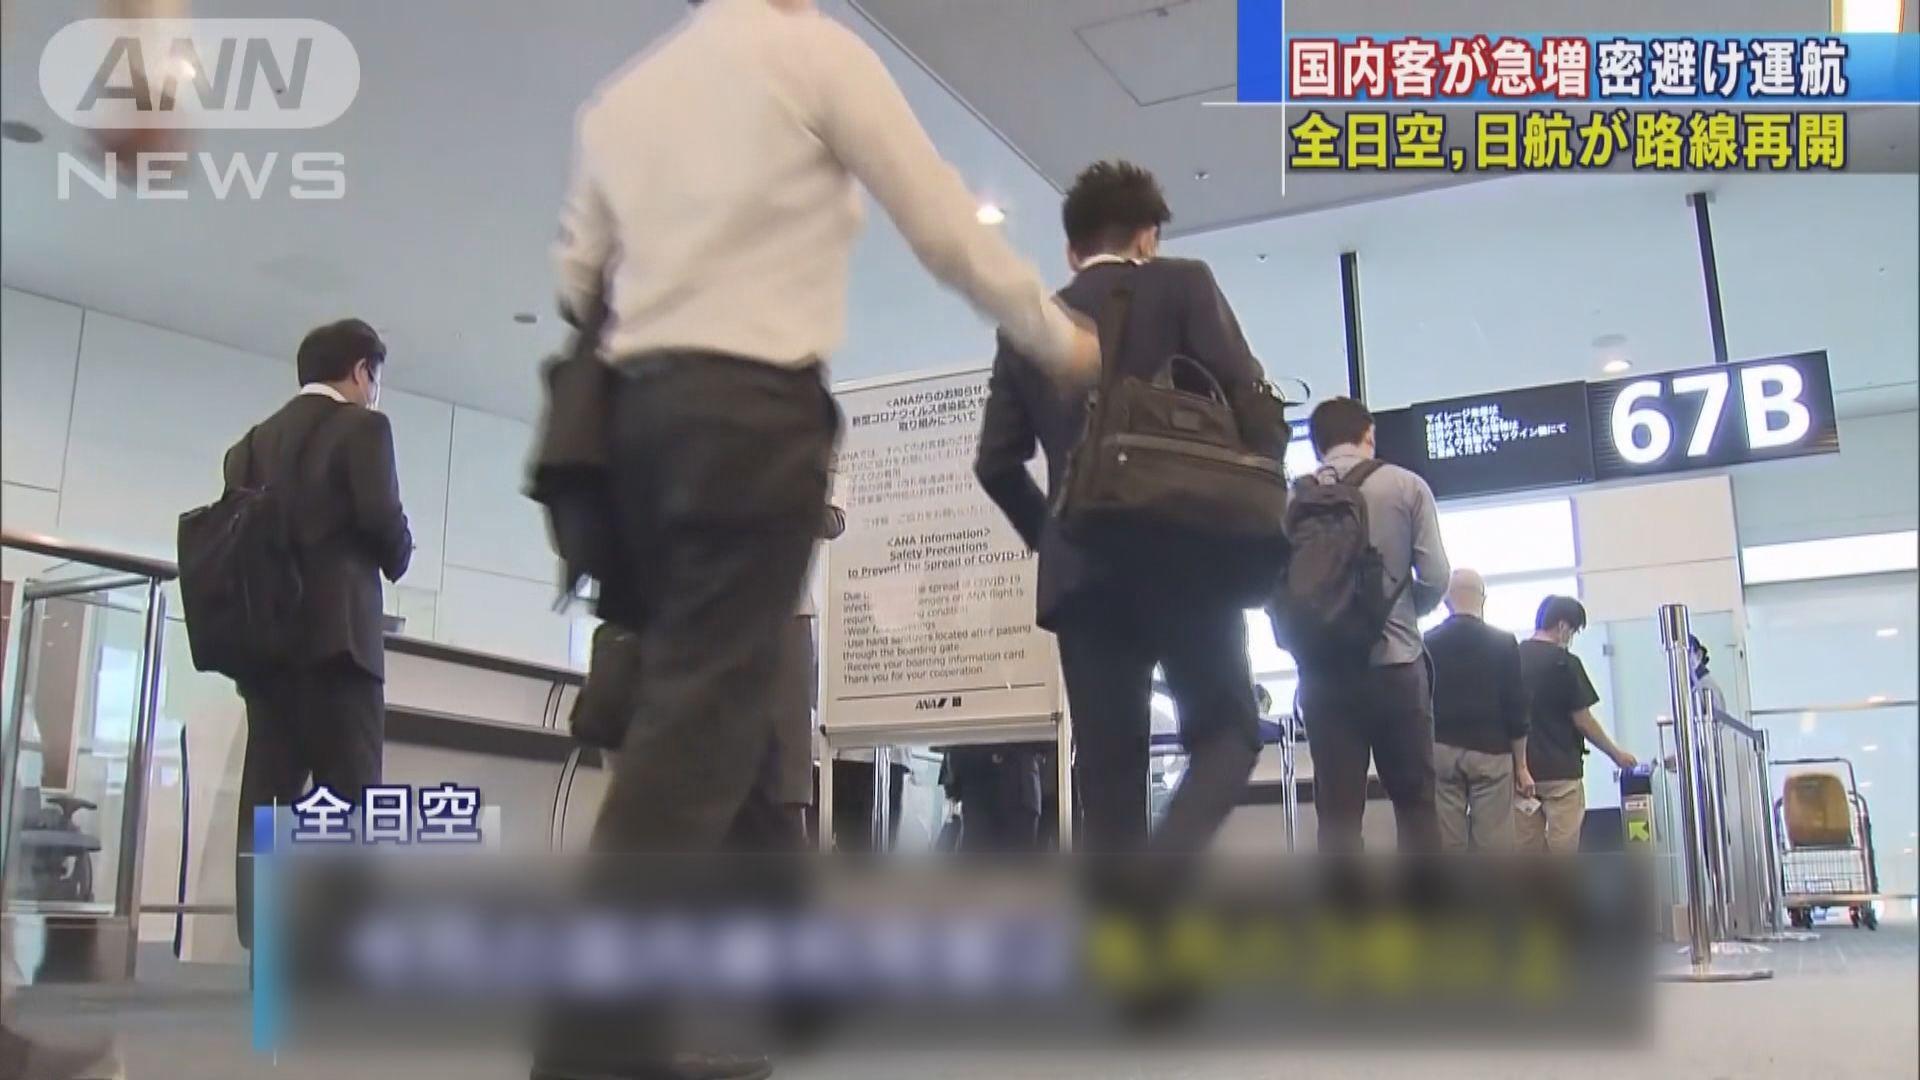 日本擬允商務客入境72小時免隔離